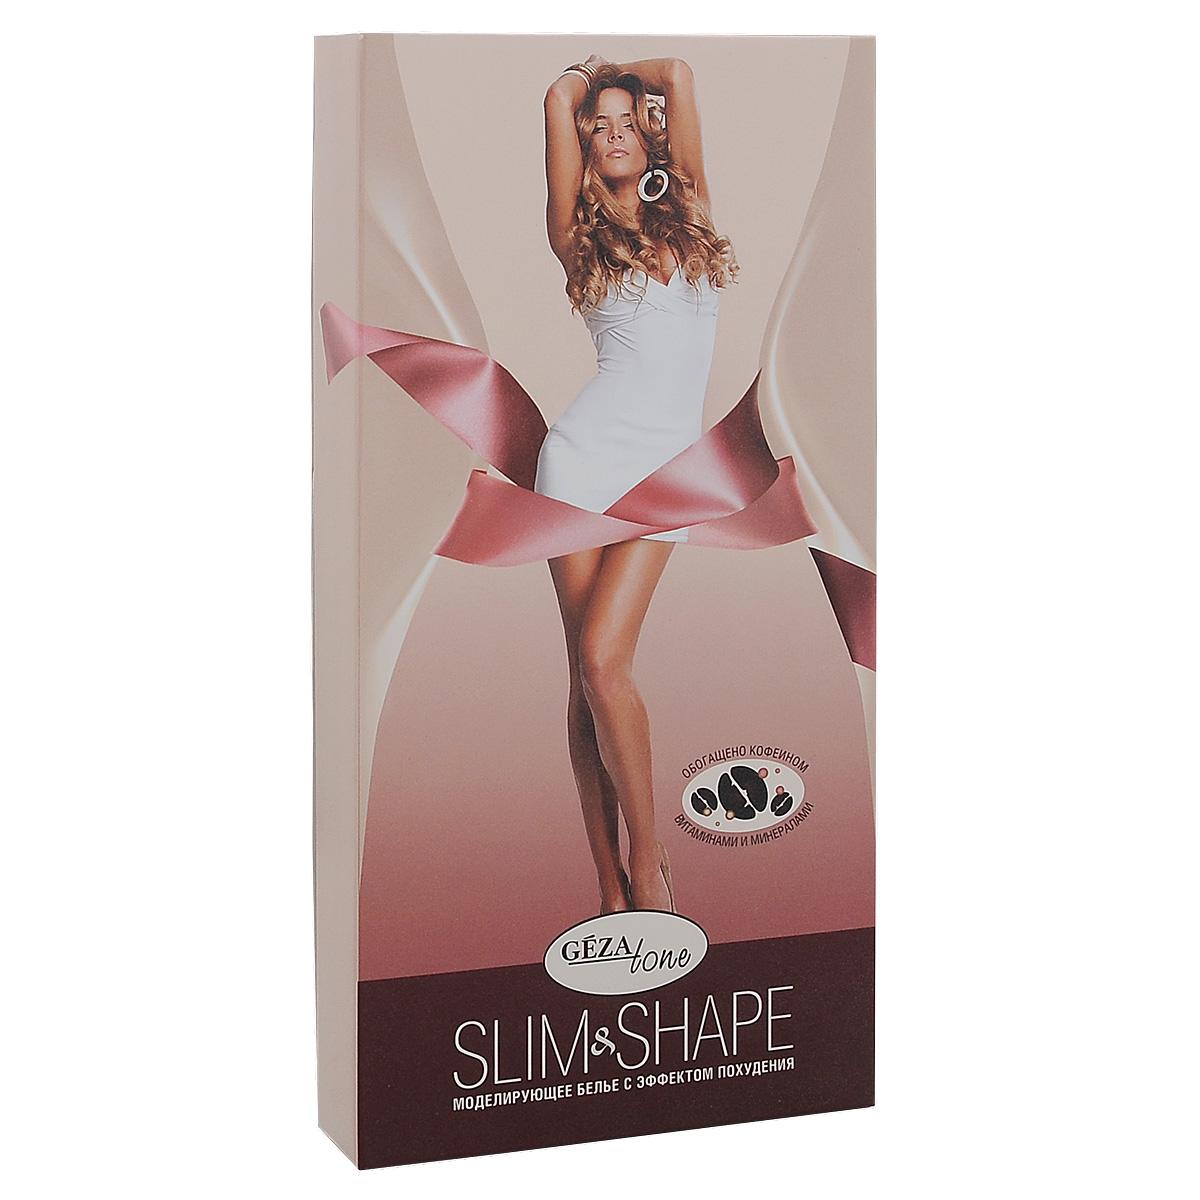 Корректирующее белье10280Моделирующий комбидрес с эффектом похудения помогает каждой женщине выглядеть красиво и сексуально. Теперь в любой одежде вы будете чувствовать себя уверенно и естественно, не прилагая никаких усилий. В структуру волокон ткани белья Slim & Shape включены вещества, ускоряющие процессы расщепления жира и лимфодренаж, способствующие выравниванию кожного рельефа и уменьшению эффекта апельсиновой корки. Инкапсулированные в волокна ткани активные вещества обеспечивают полноценный комплексный уход за кожей тела, повышая ее тонус, упругость и эластичность, увлажняя и смягчая. Клинические испытания белья Slim & Shape, проведенные при содействии клиник и институтов в разных странах мира, представили поразительные результаты, которые говорят о том, что ежедневное применение корректирующего белья для похудения Slim & Shape, уменьшает проявления целлюлита, способствует выравниванию кожного рельефа в проблемных зонах, и уменьшает объемы без дополнительного воздействия. Все...